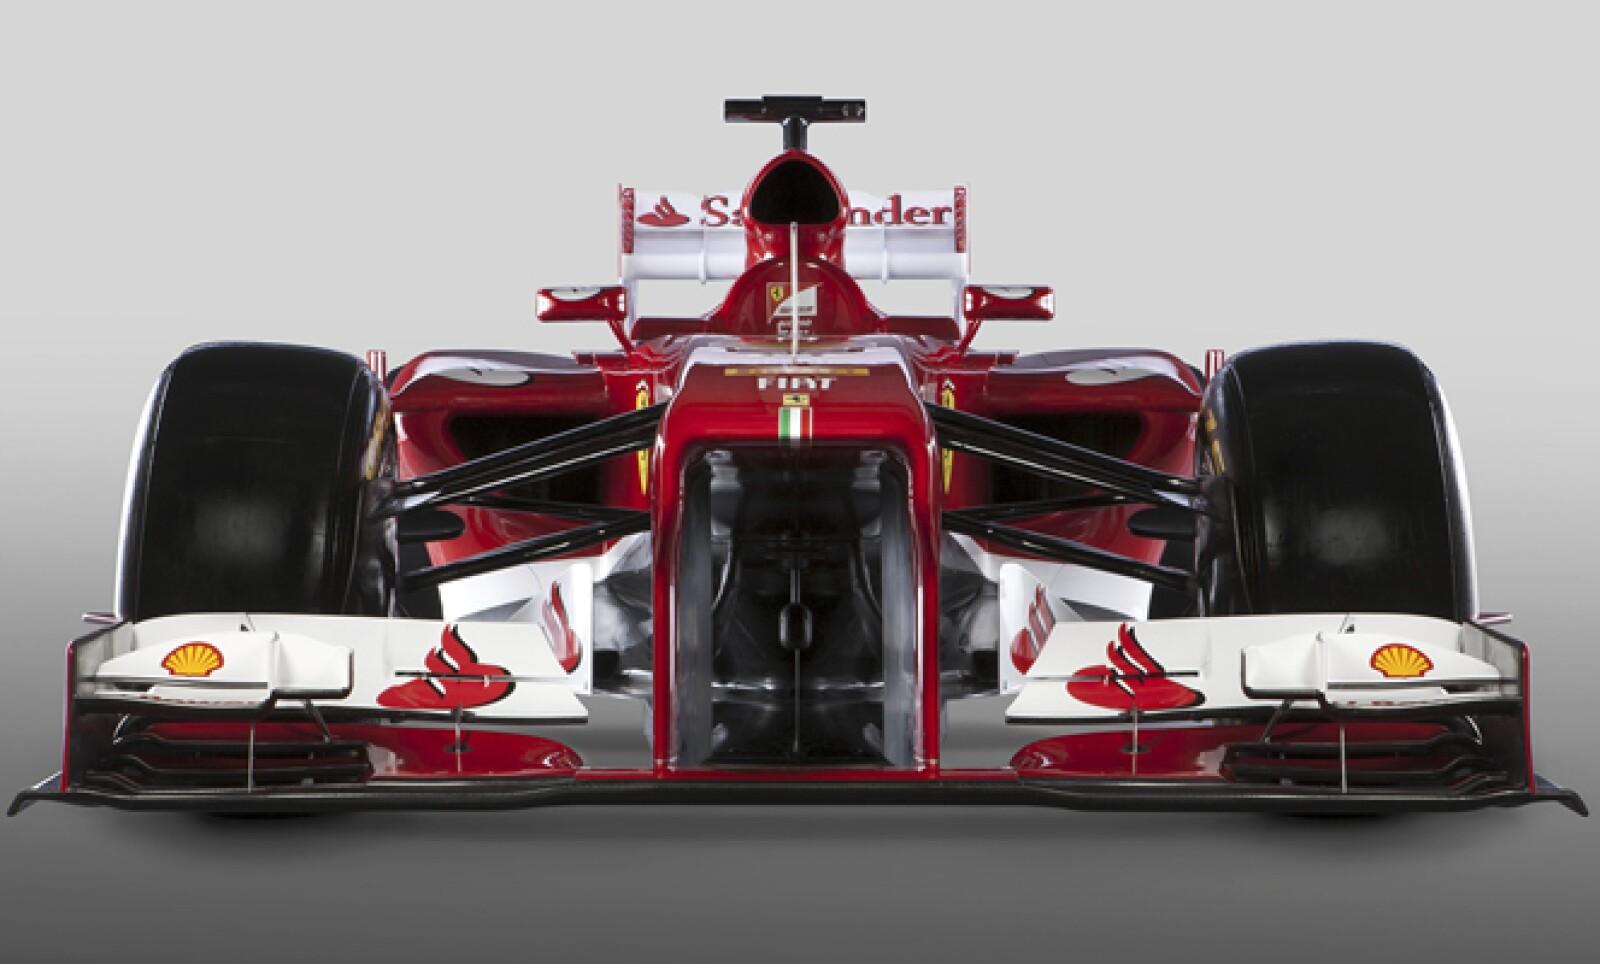 El vehículo tiene una nariz abierta y un chasis ligeramente distinto al F2012 del año pasado. Esta será la versión 59 del monoplaza Ferrari.